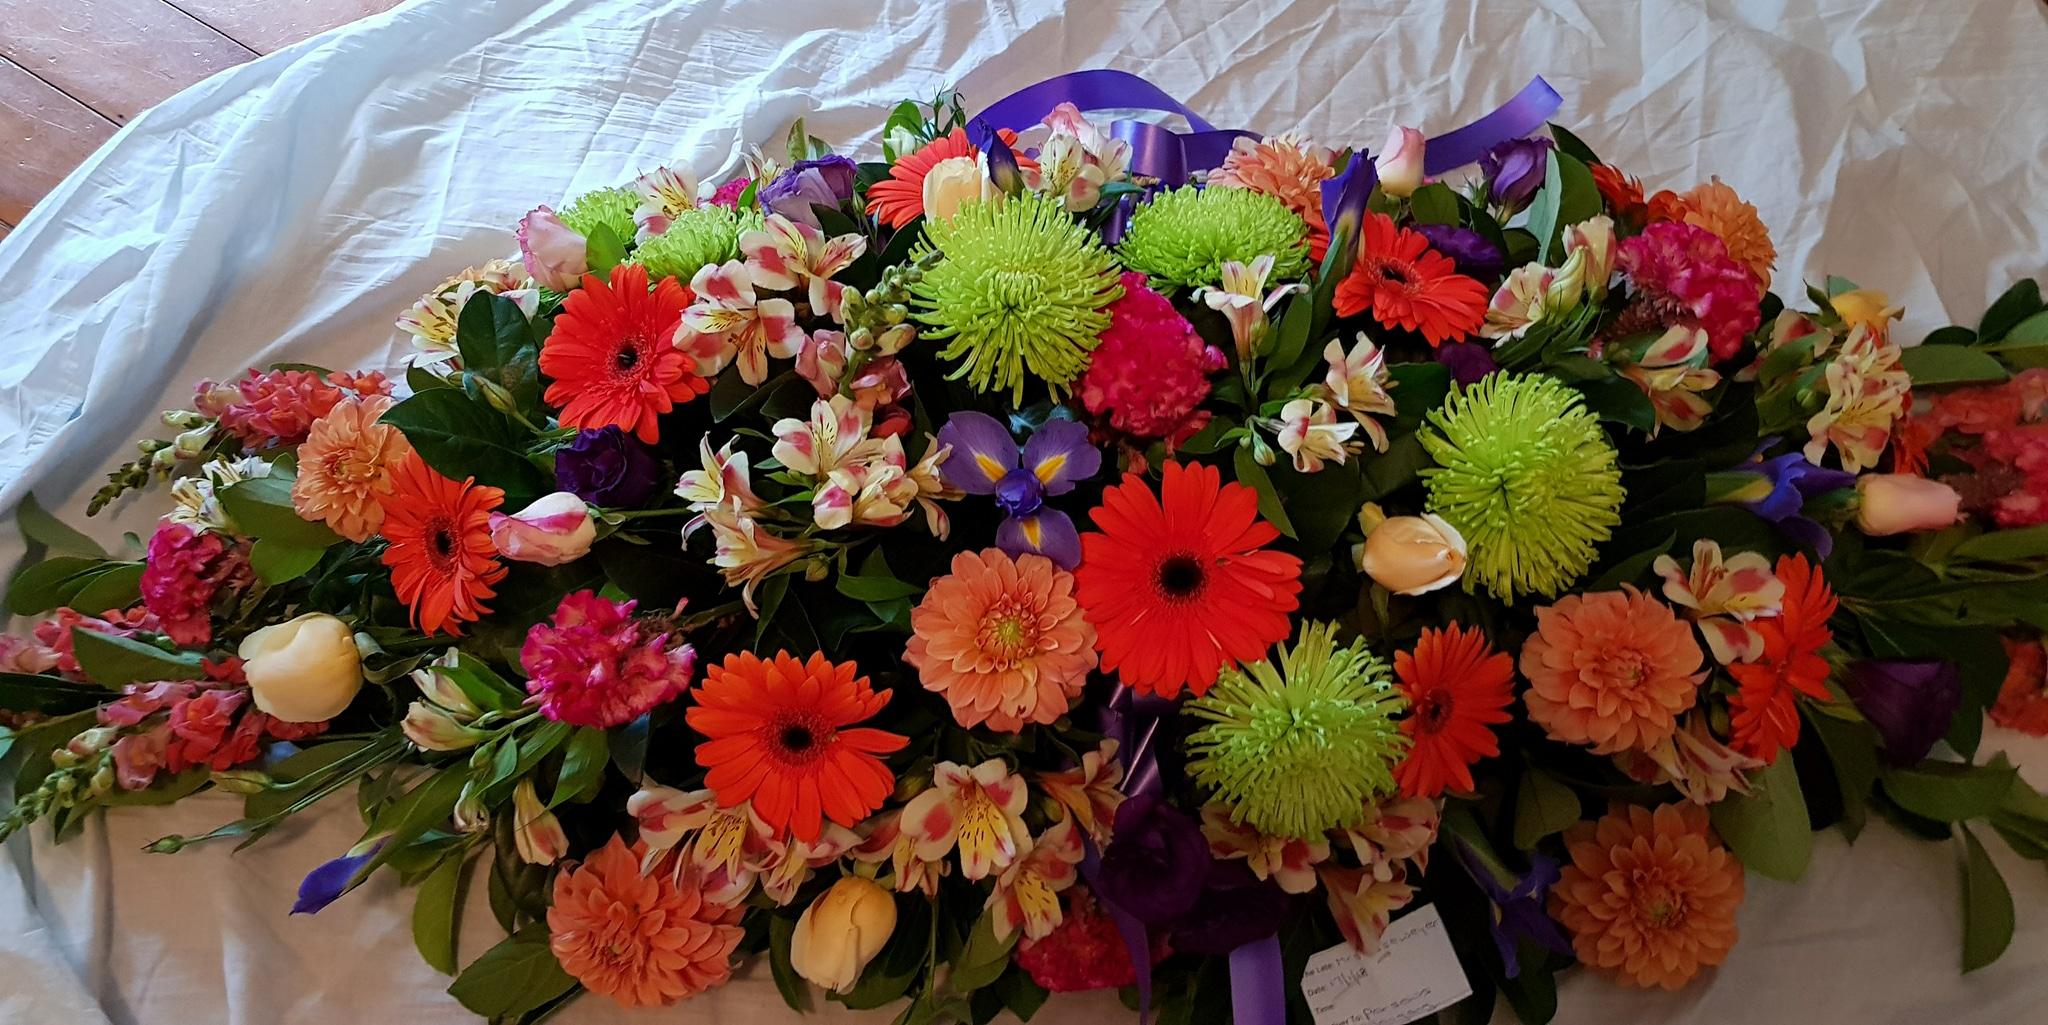 Funeral Woonona Florist